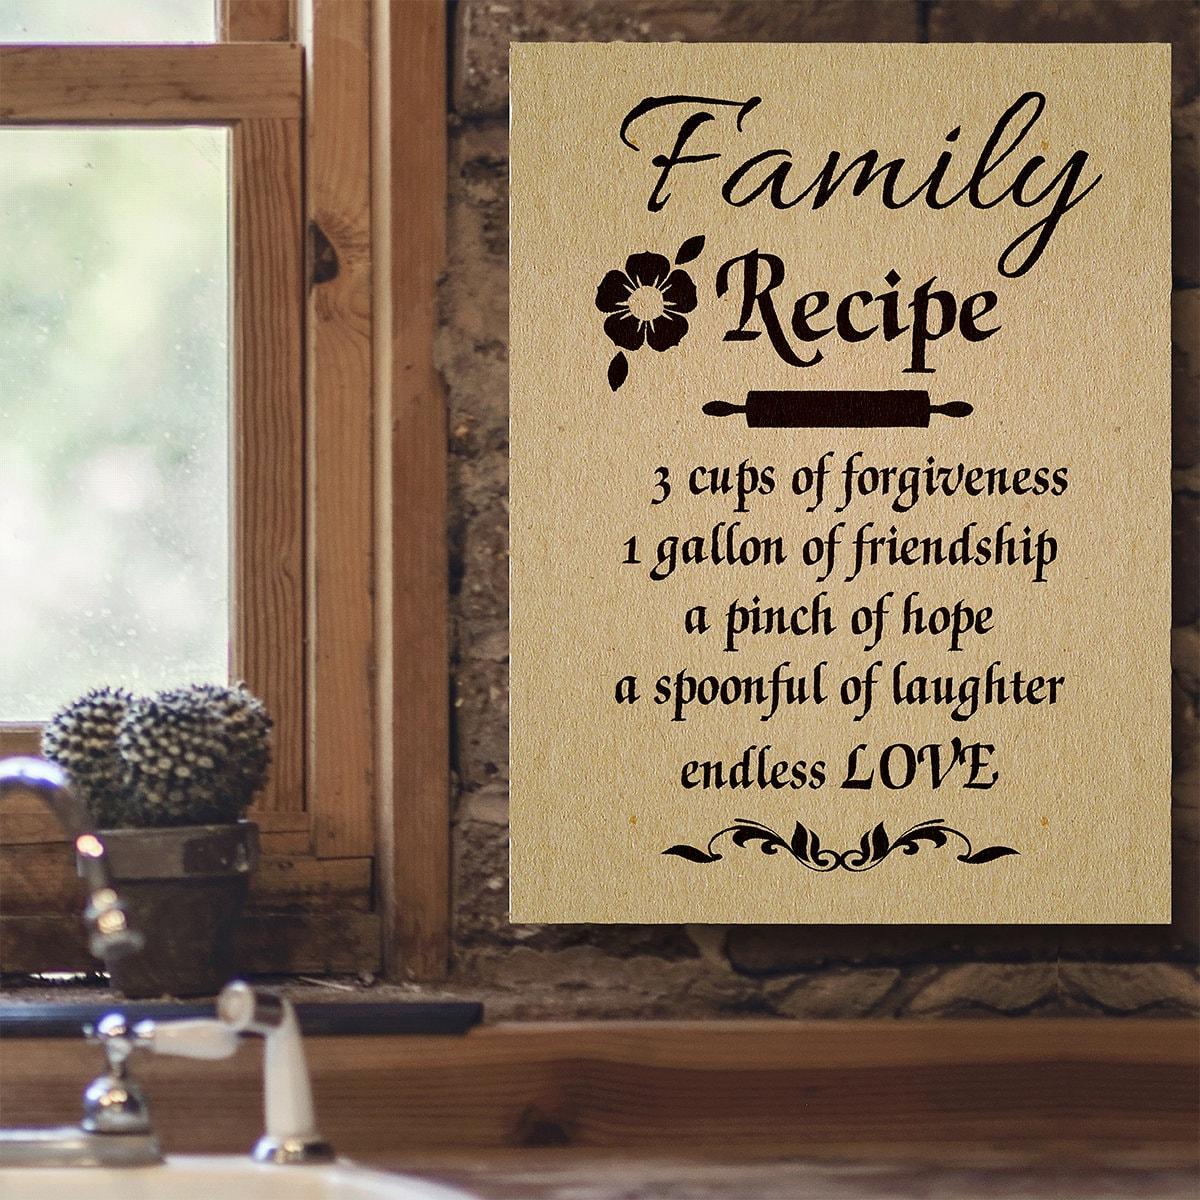 Family Recipe Canvas Wall Art Home Decor Kitchen Decor   Etsy